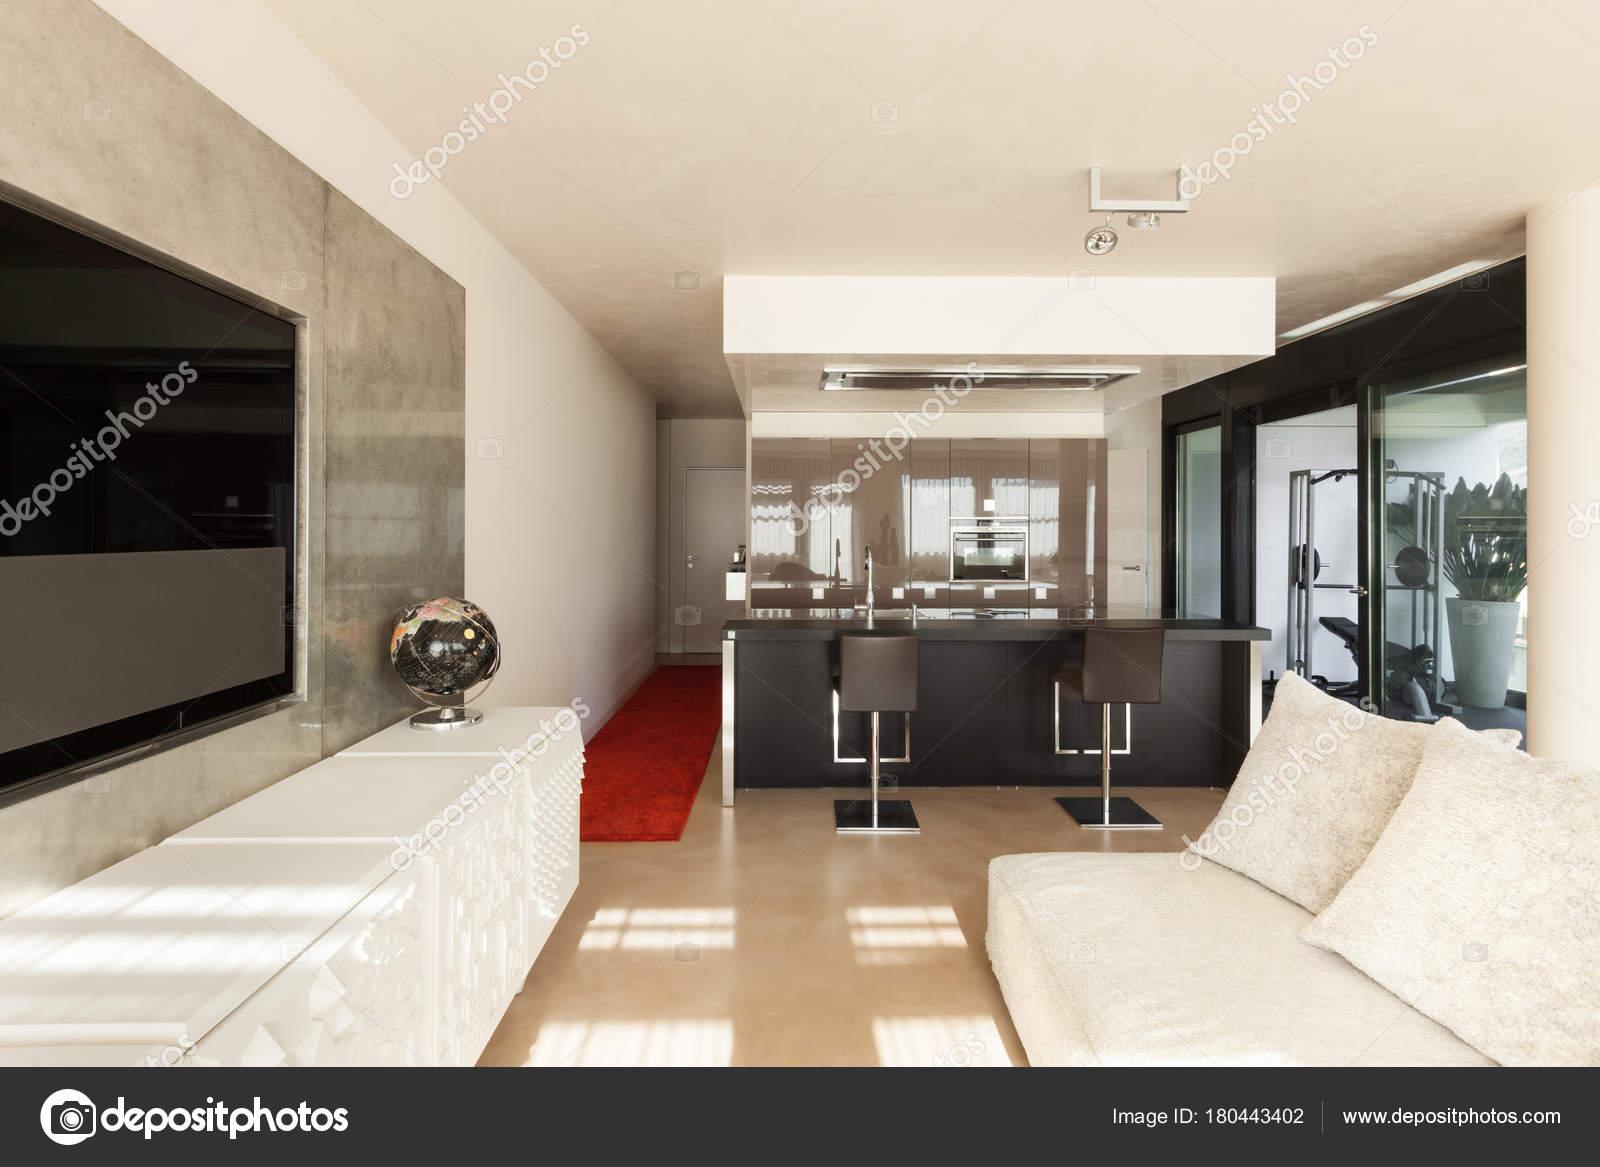 Interieur, moderne Wohnung — Stockfoto © Zveiger #180443402